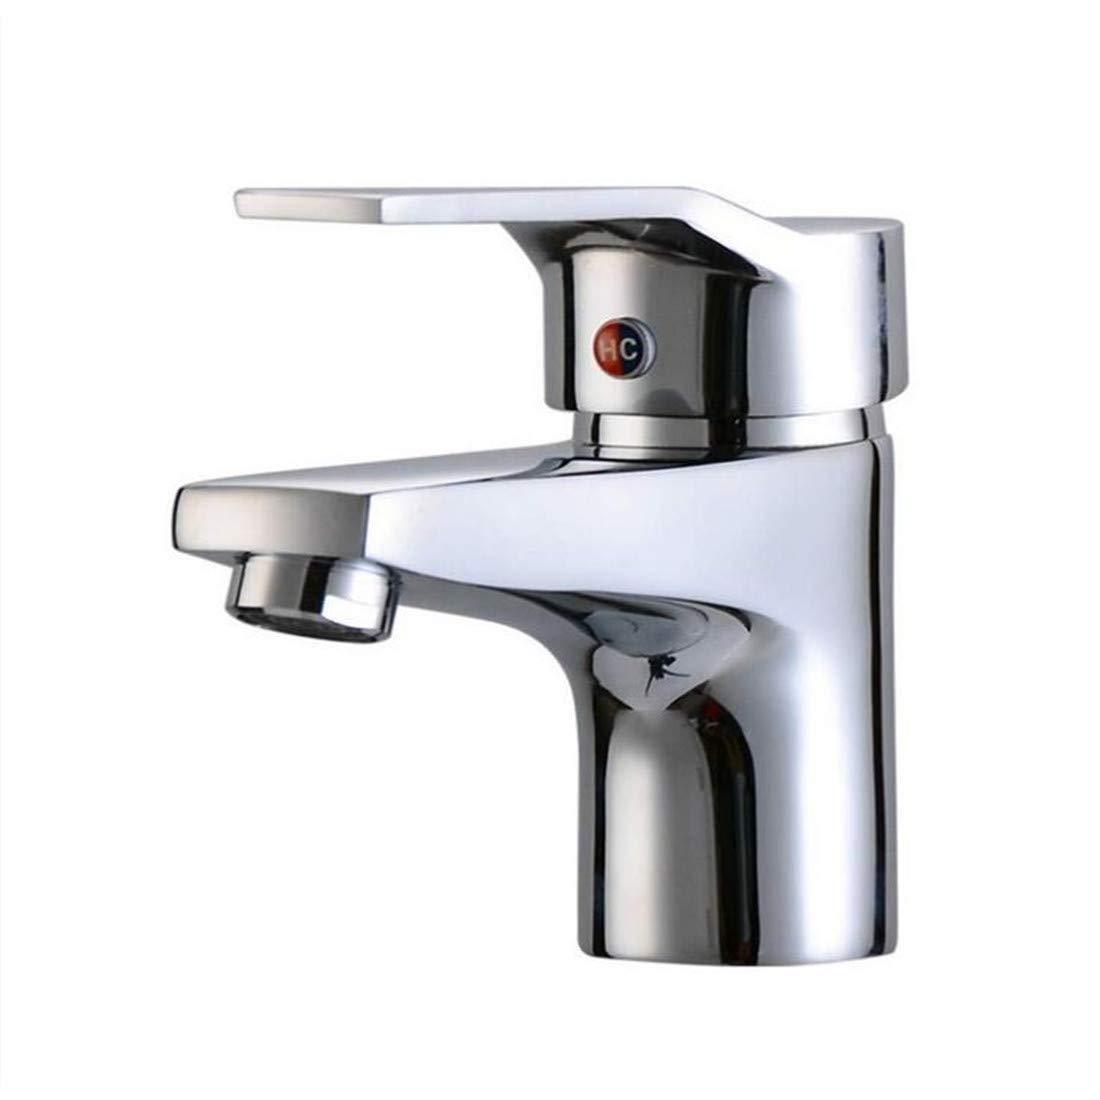 Vintage Chrom Messing Küchenarmaturen Wasserhahn Messing Warmes und kaltes Wasserhahn Waschbecken Wasserhahn Mischventil